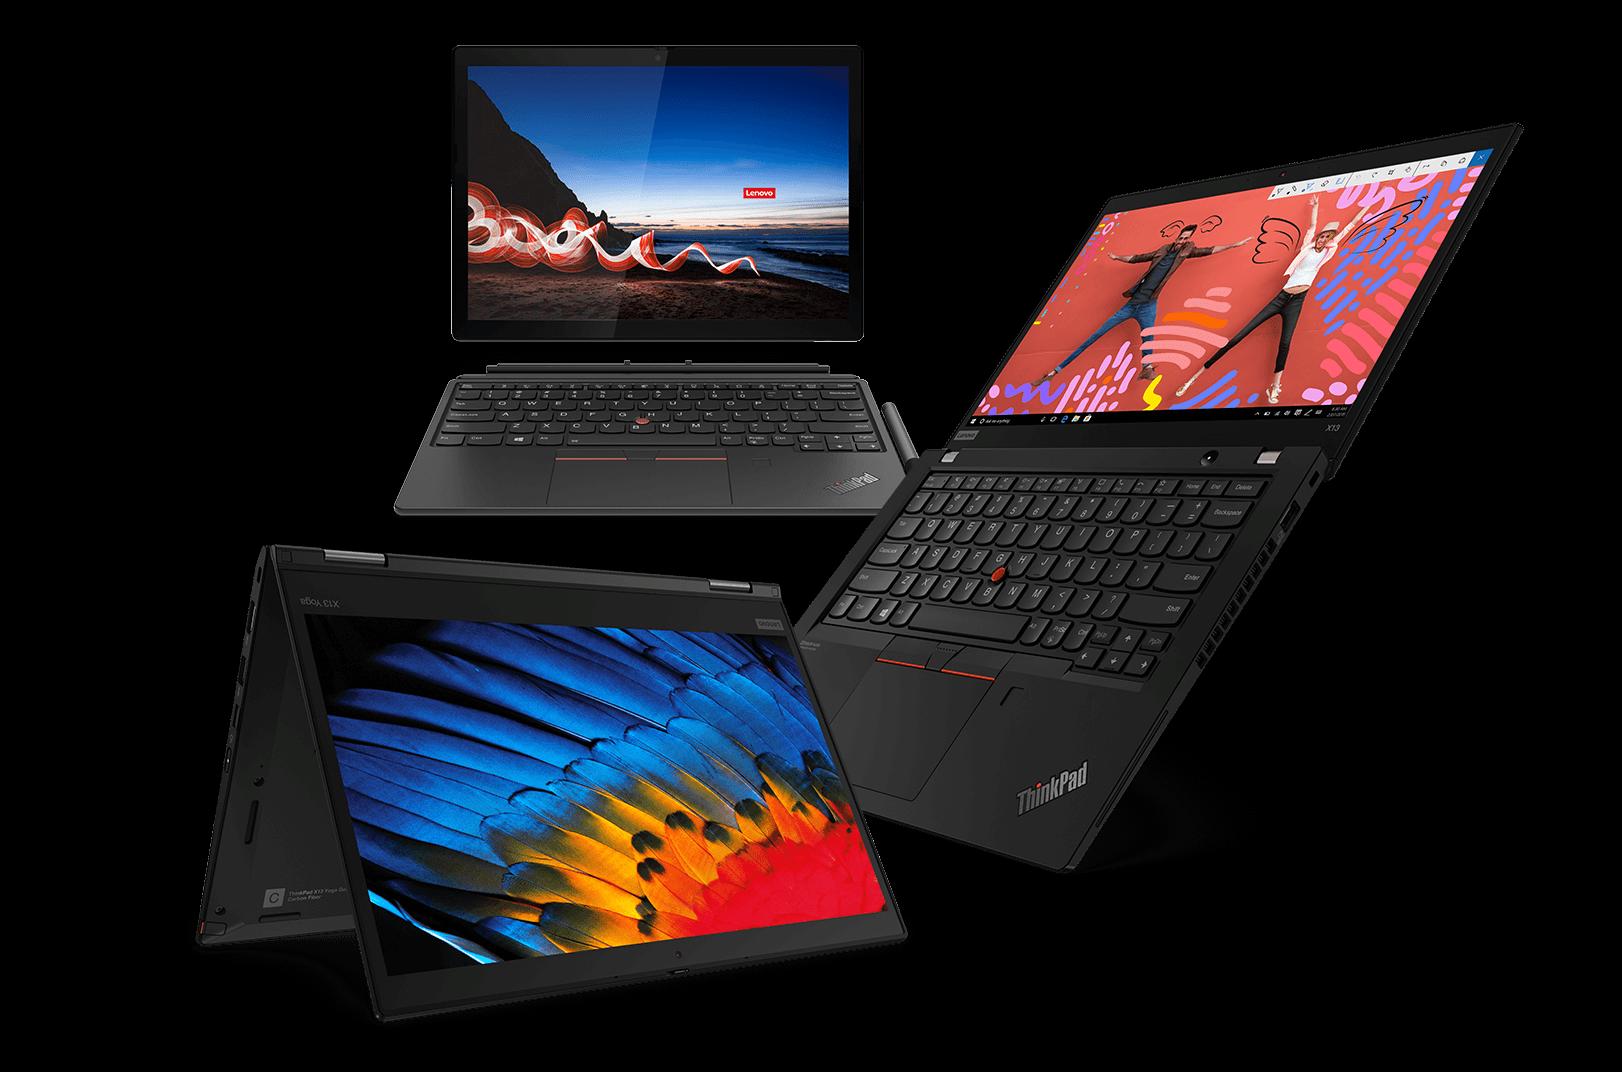 Lenovo ThinkPad X série de produits